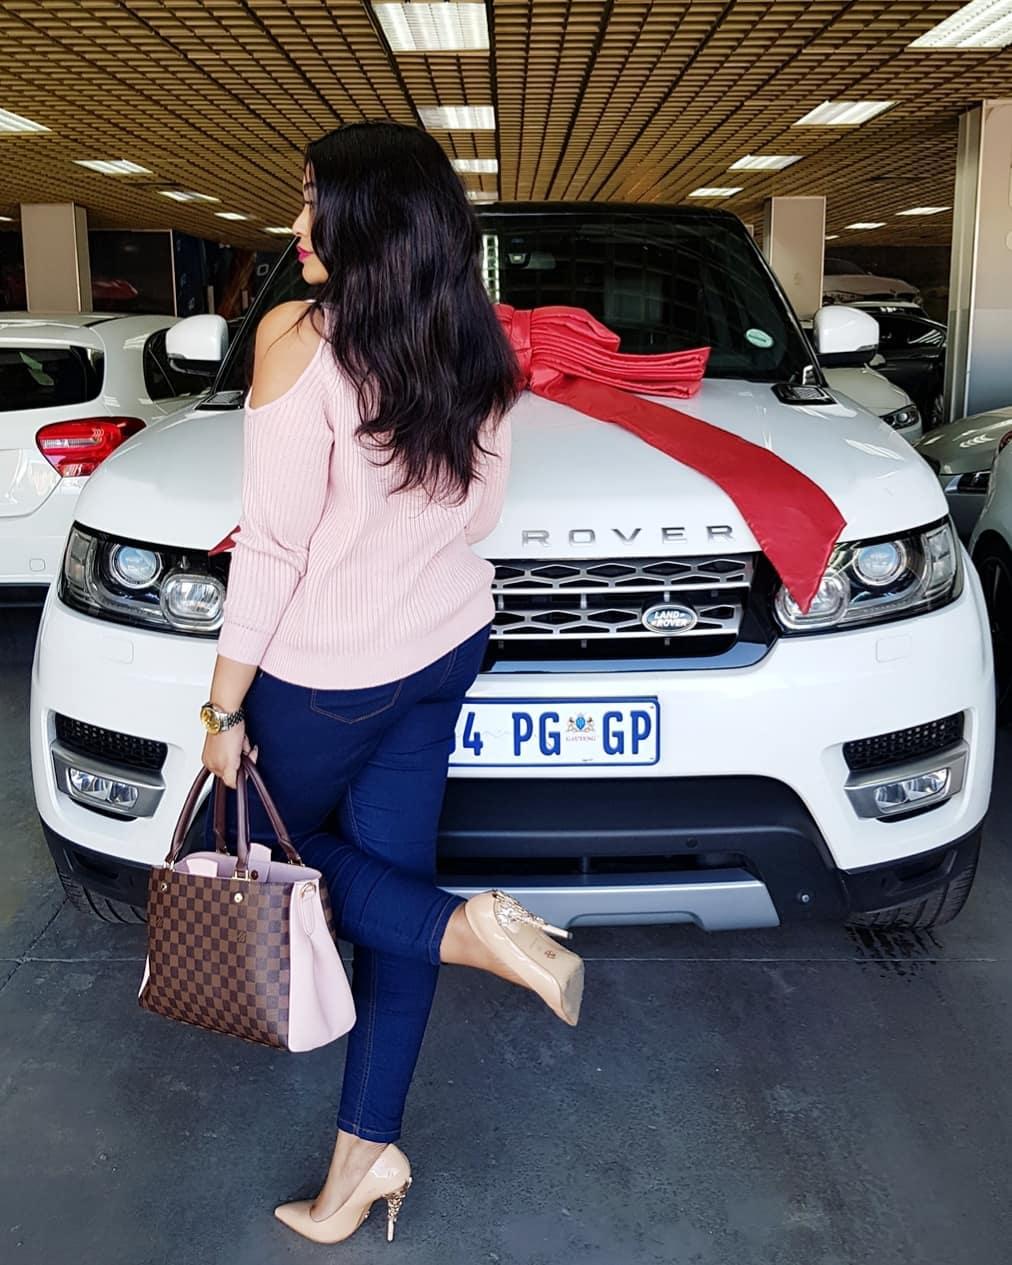 Zari Hassan flaunts her new Range Rover